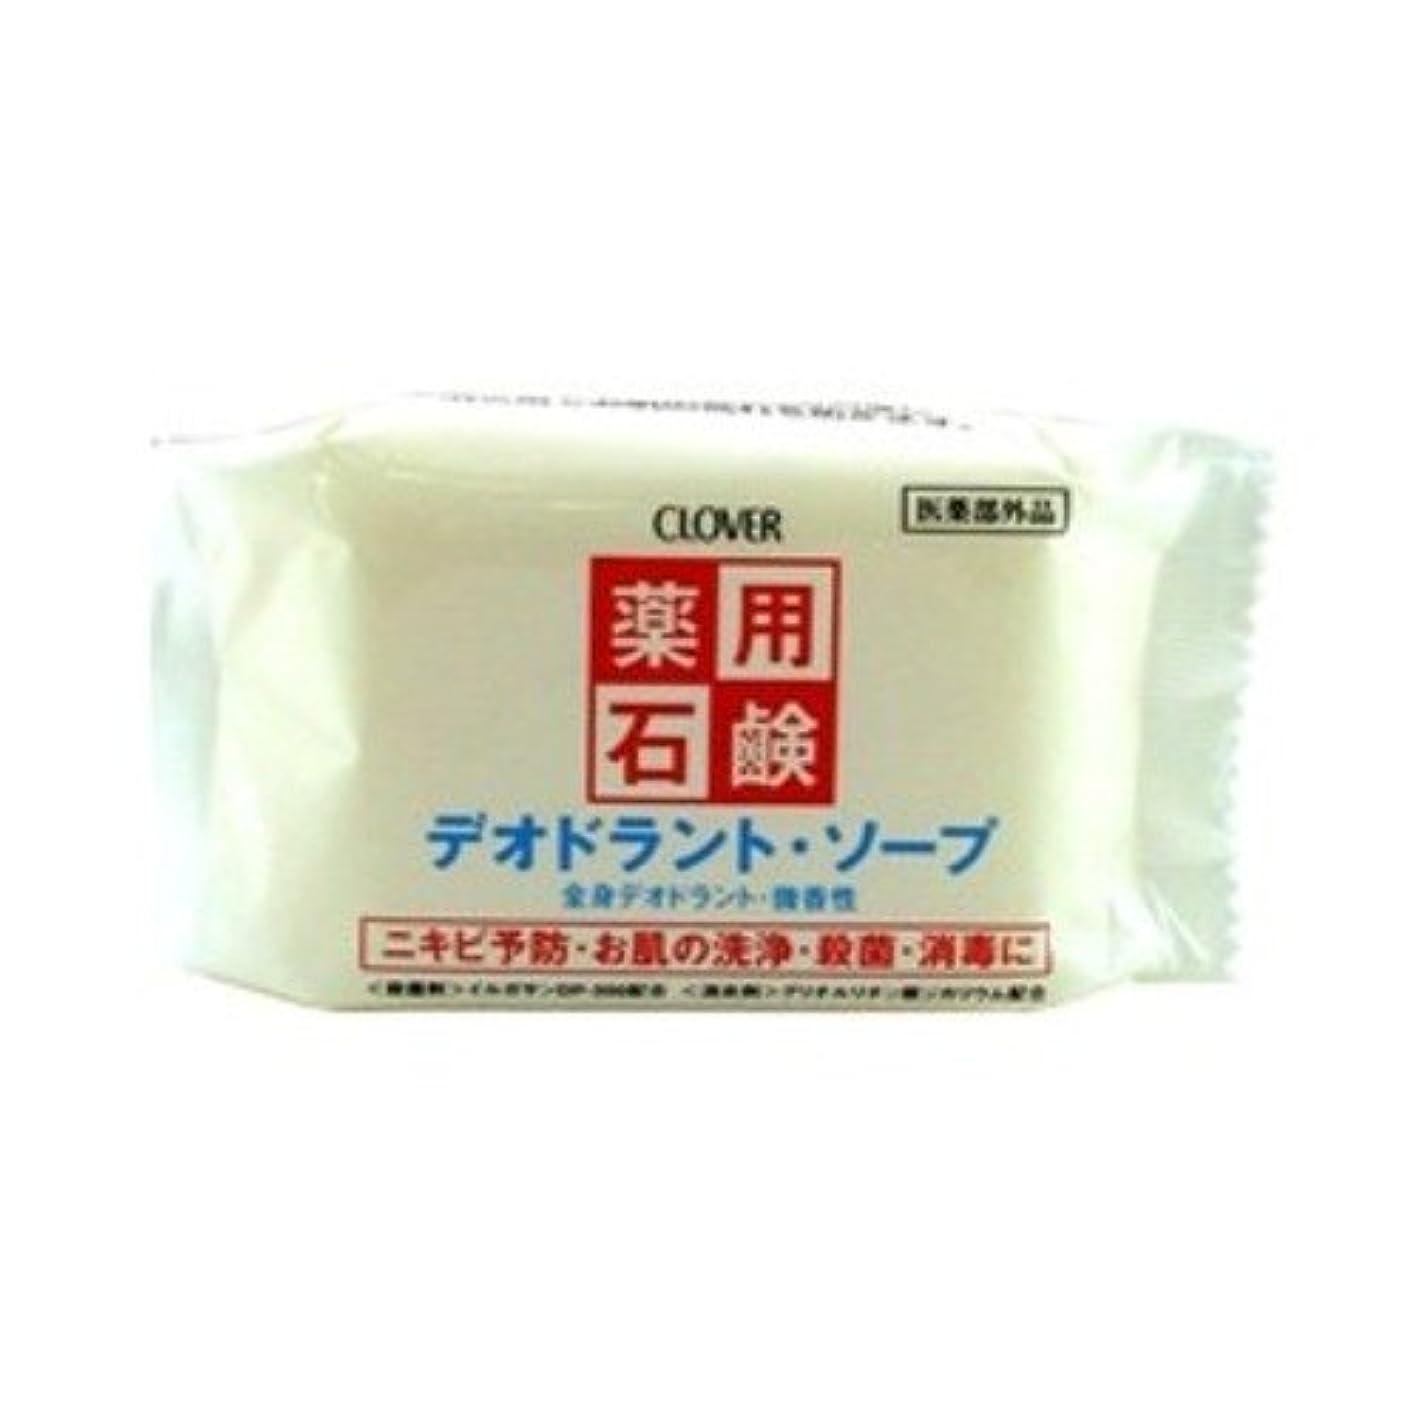 卵トロリー必要ないクロバー 薬用デオドラント ソープ 90g